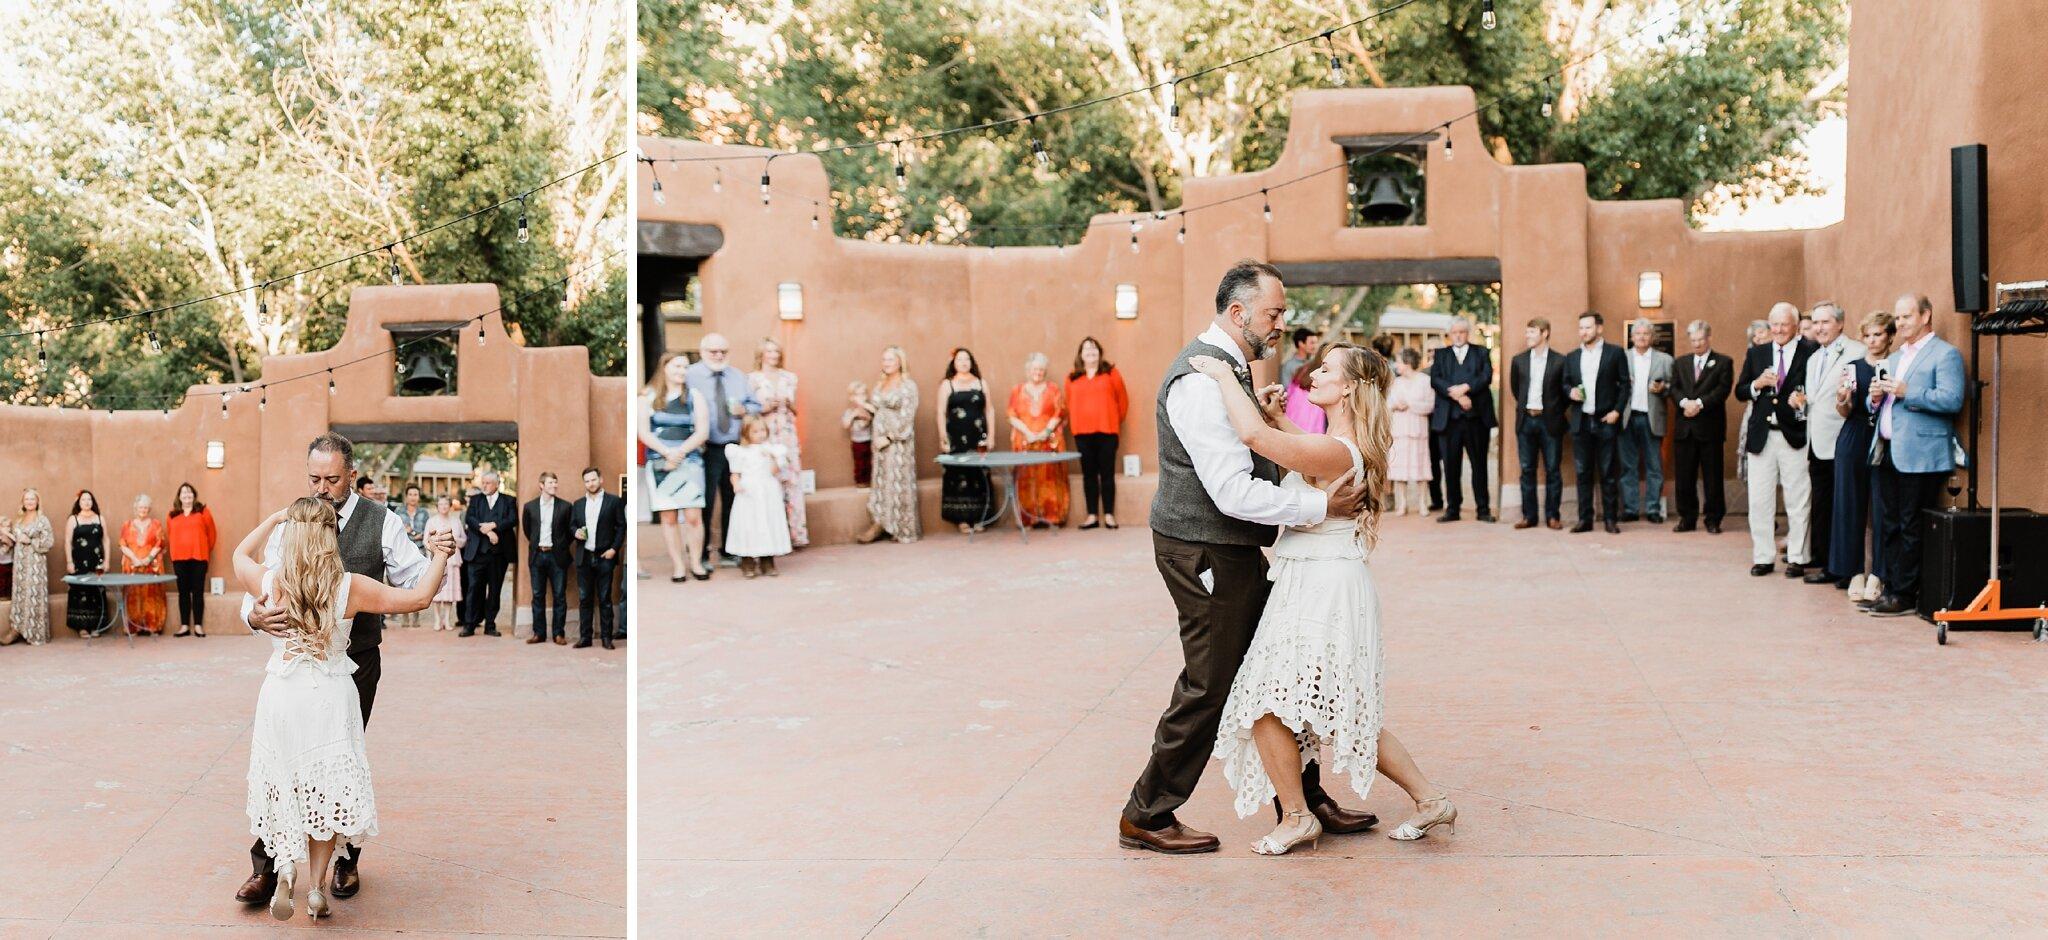 Alicia+lucia+photography+-+albuquerque+wedding+photographer+-+santa+fe+wedding+photography+-+new+mexico+wedding+photographer+-+new+mexico+wedding+-+wedding+-+santa+fe+wedding+-+ghost+ranch+-+ghost+ranch+wedding+-+fall+wedding_0085.jpg